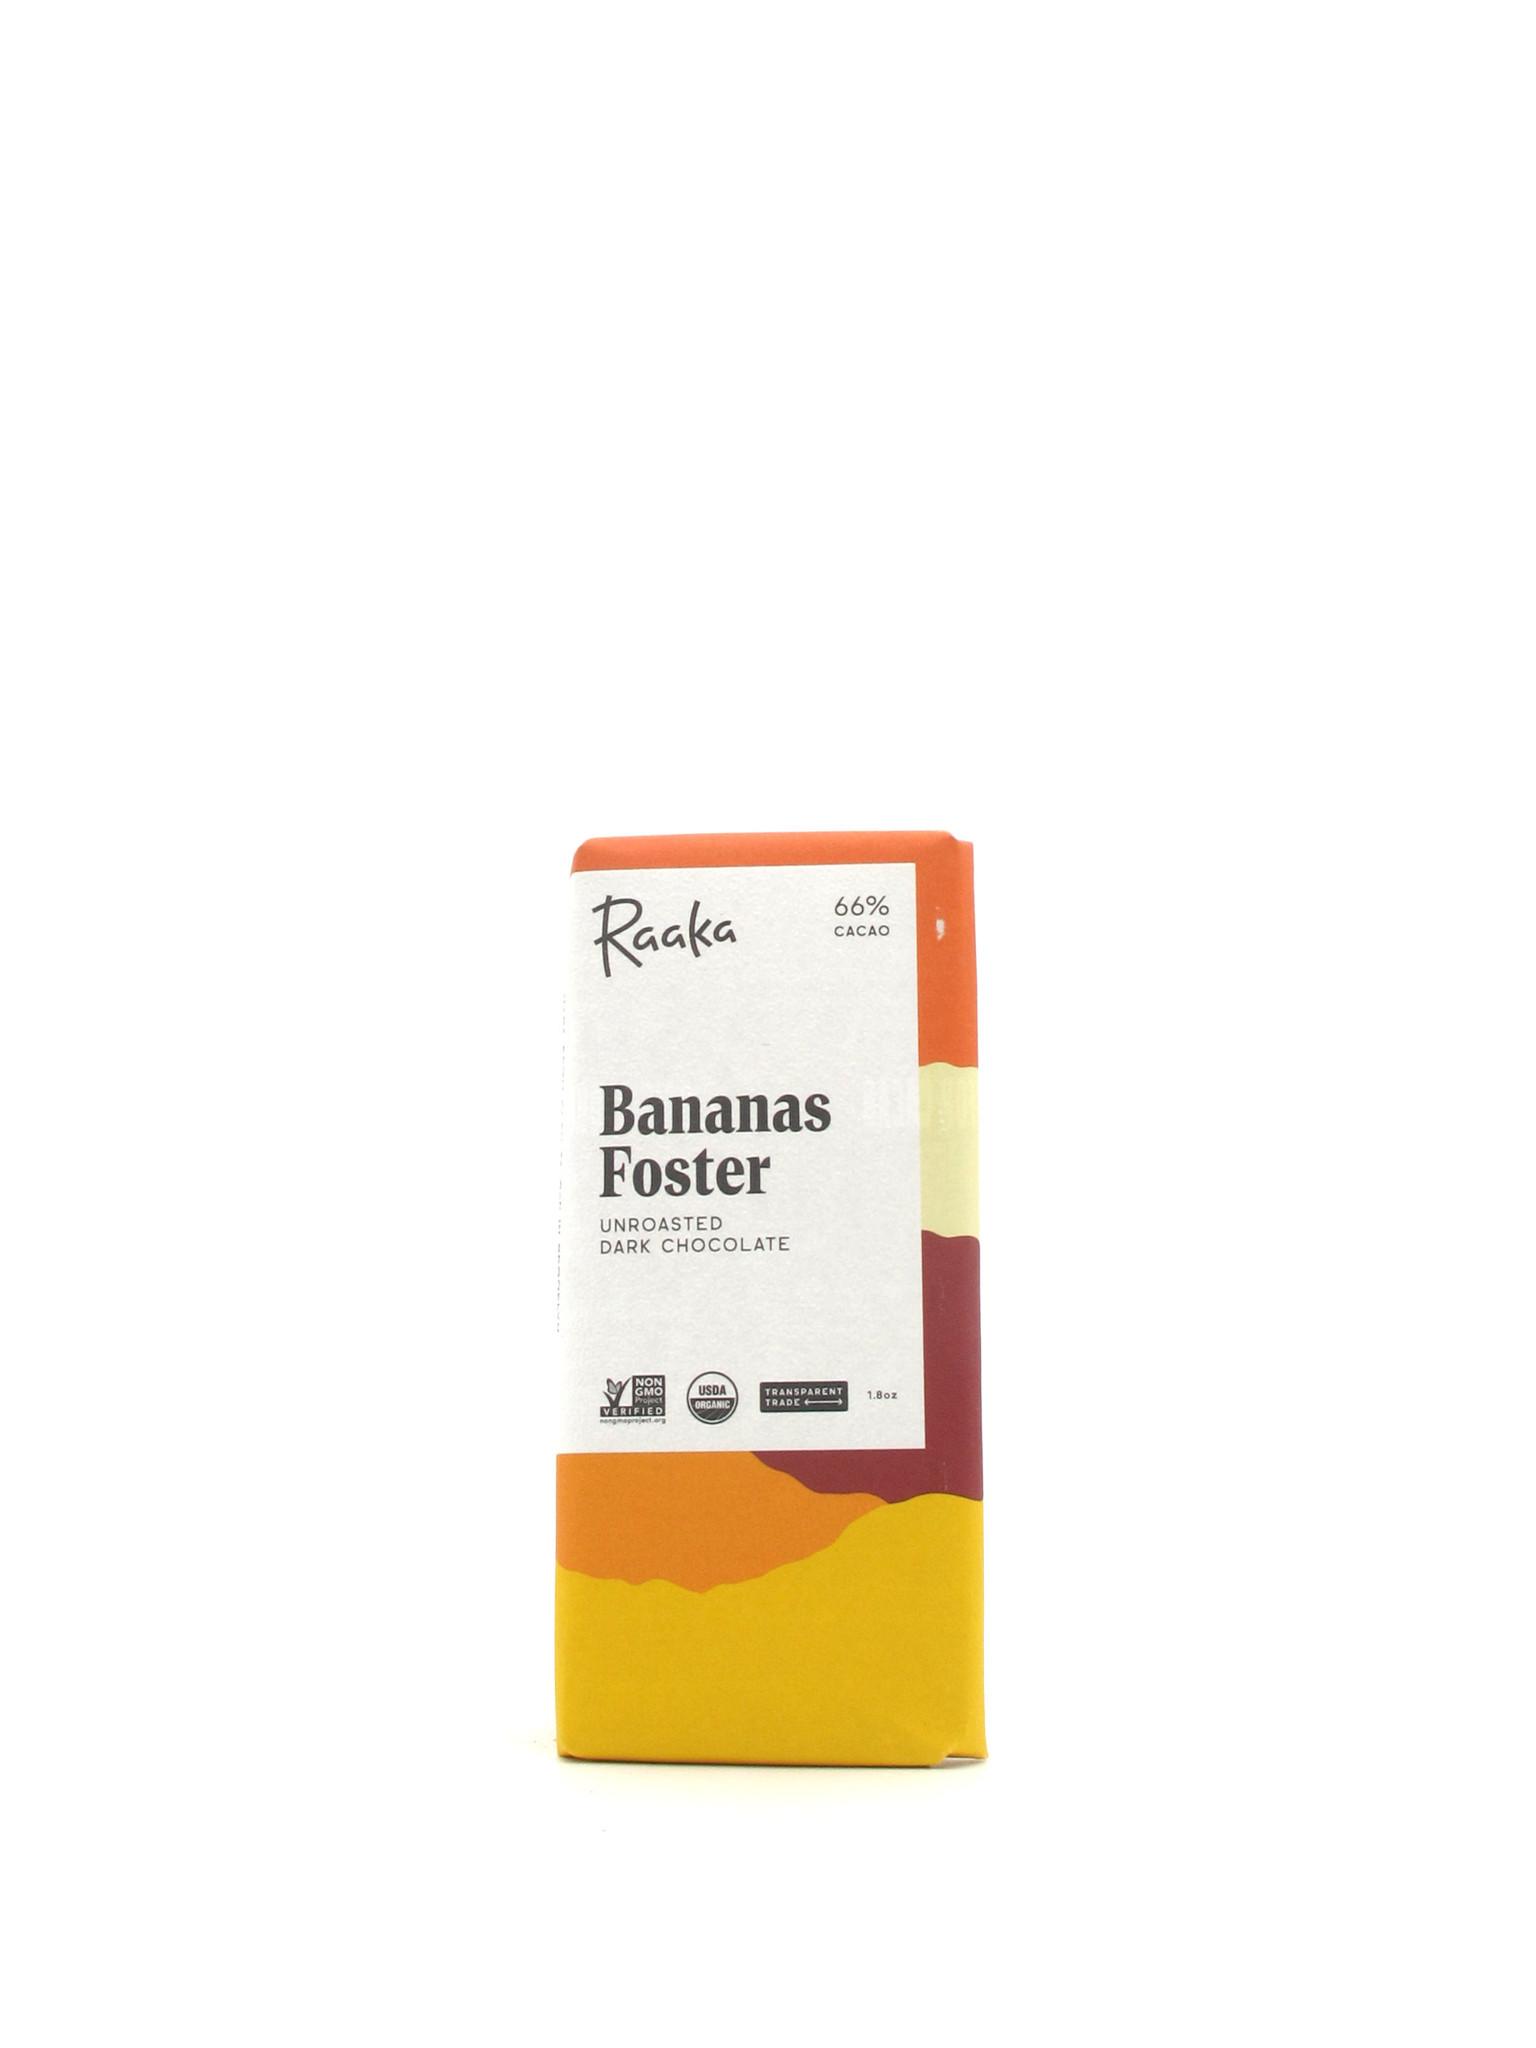 Raaka Raaka Bananas Foster 1.8oz